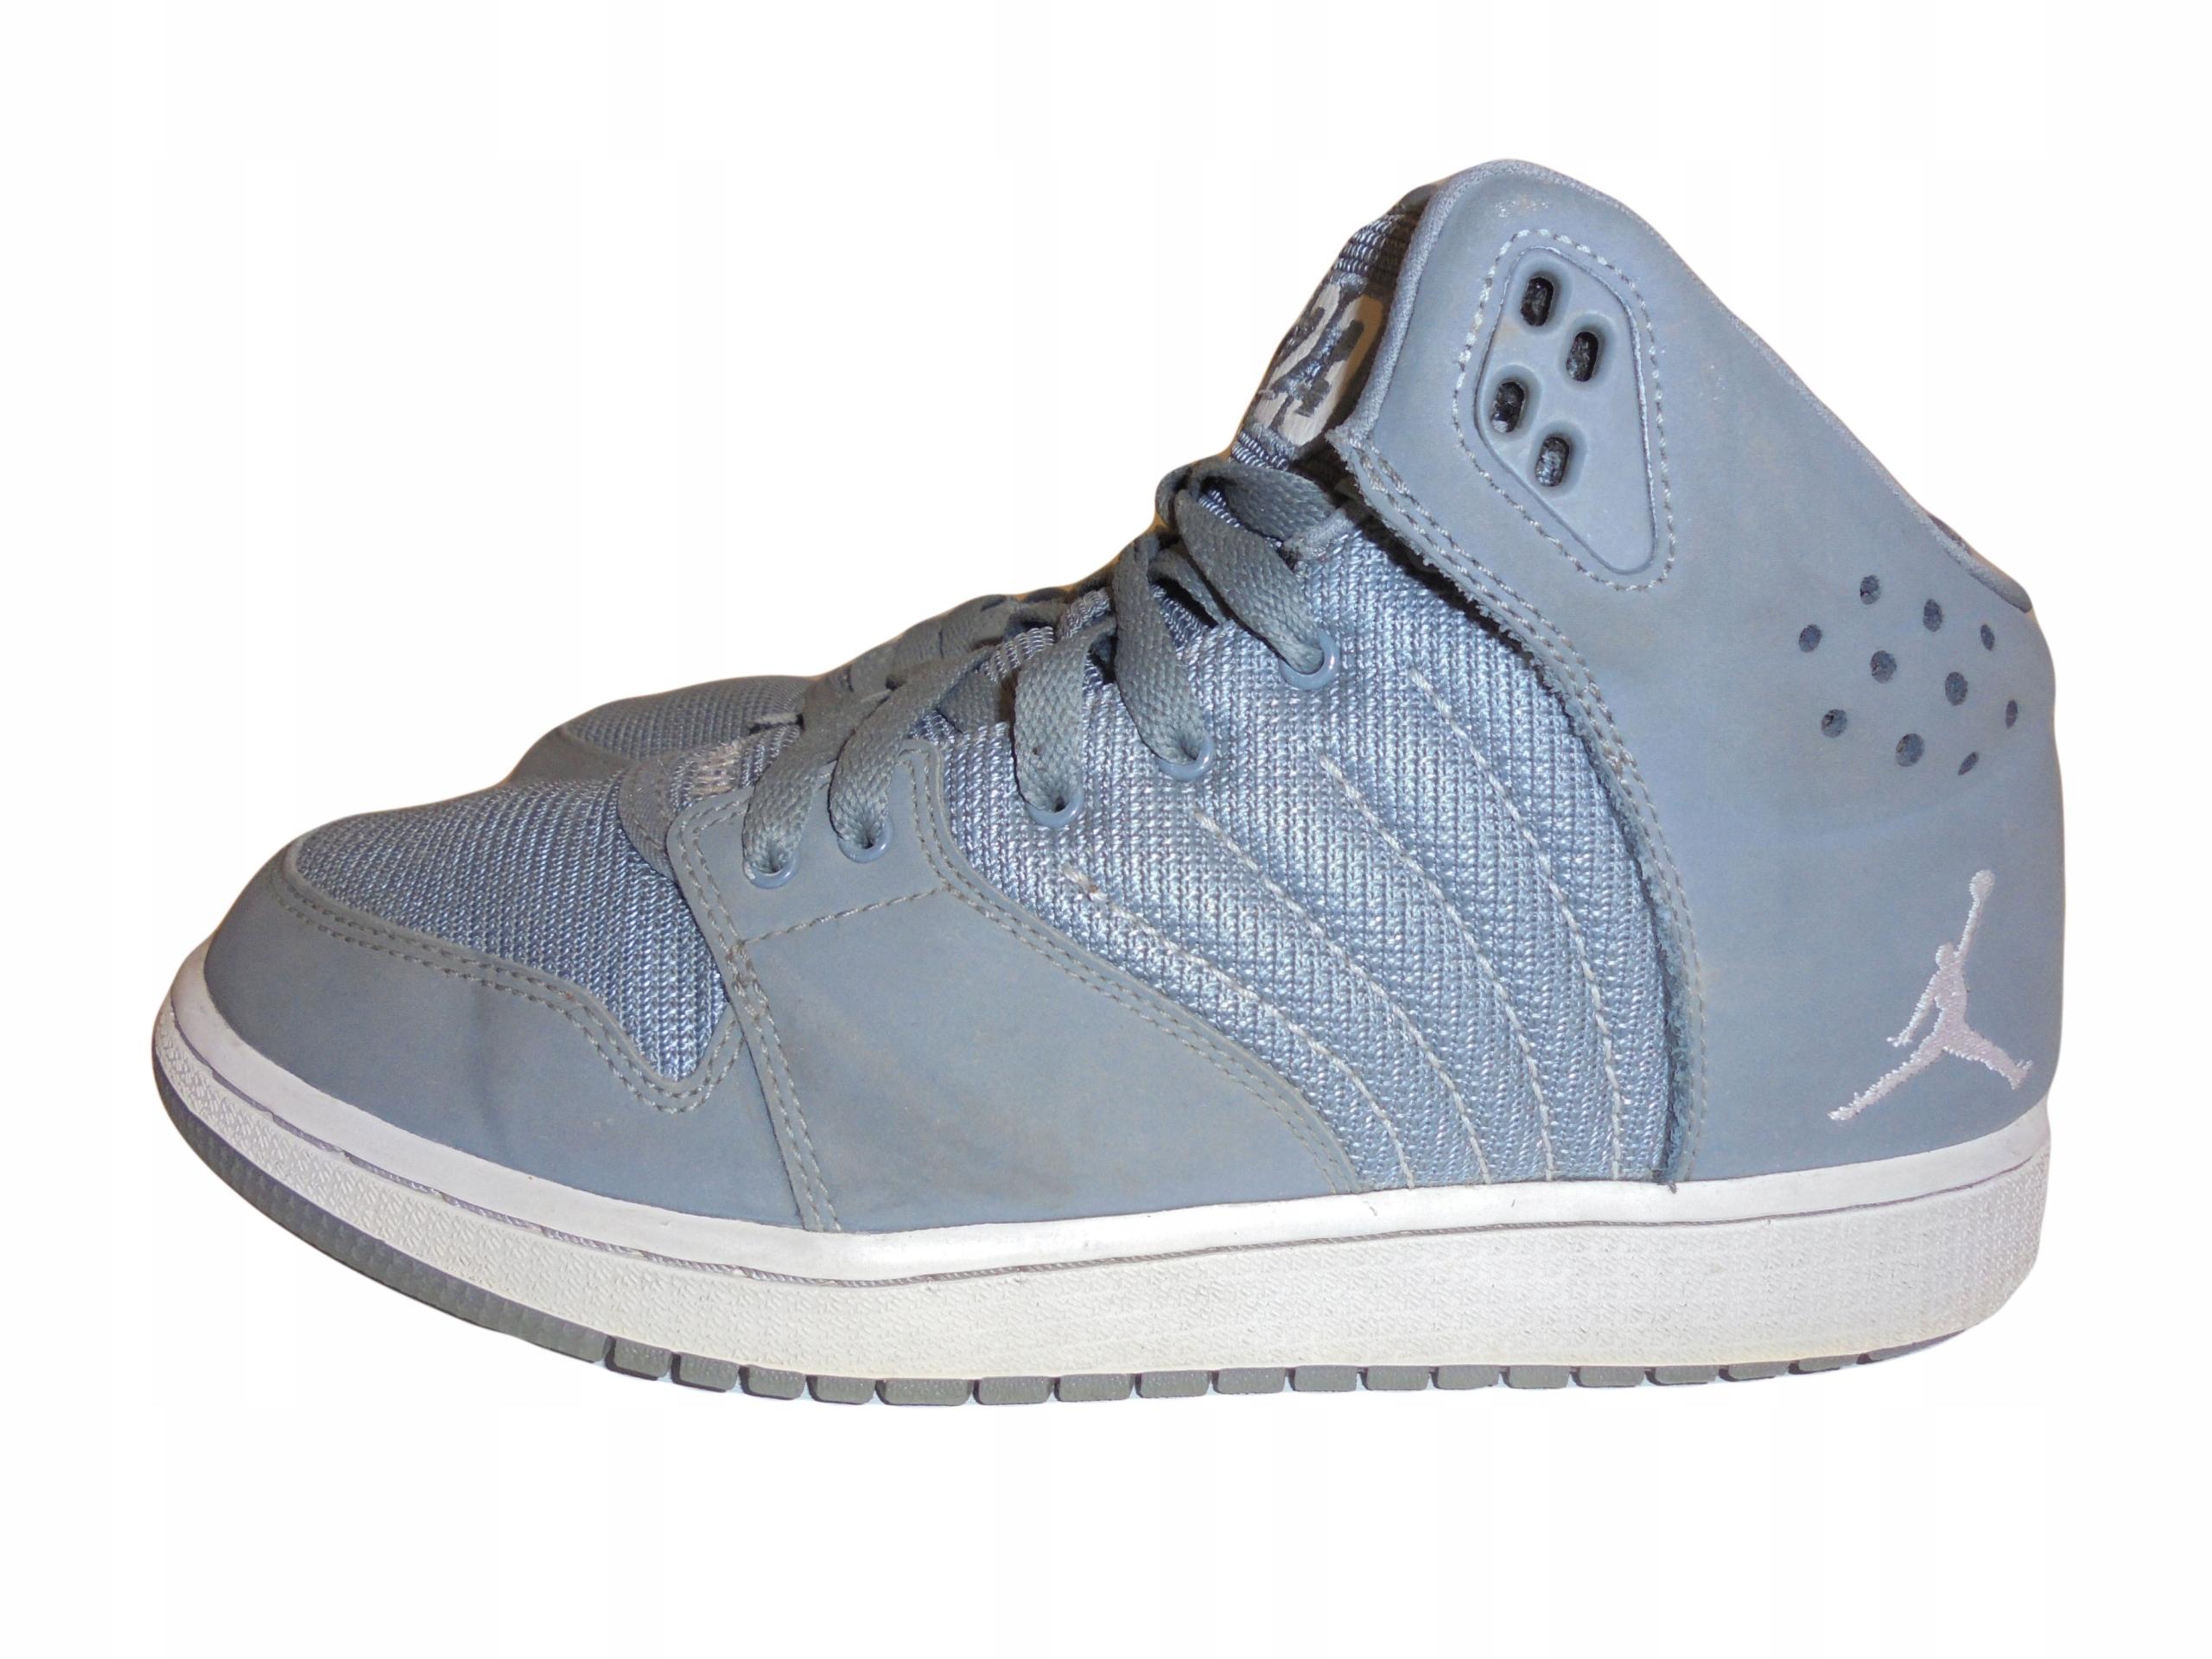 Buty firmy Nike Air Jordan. Rozmiar 39.